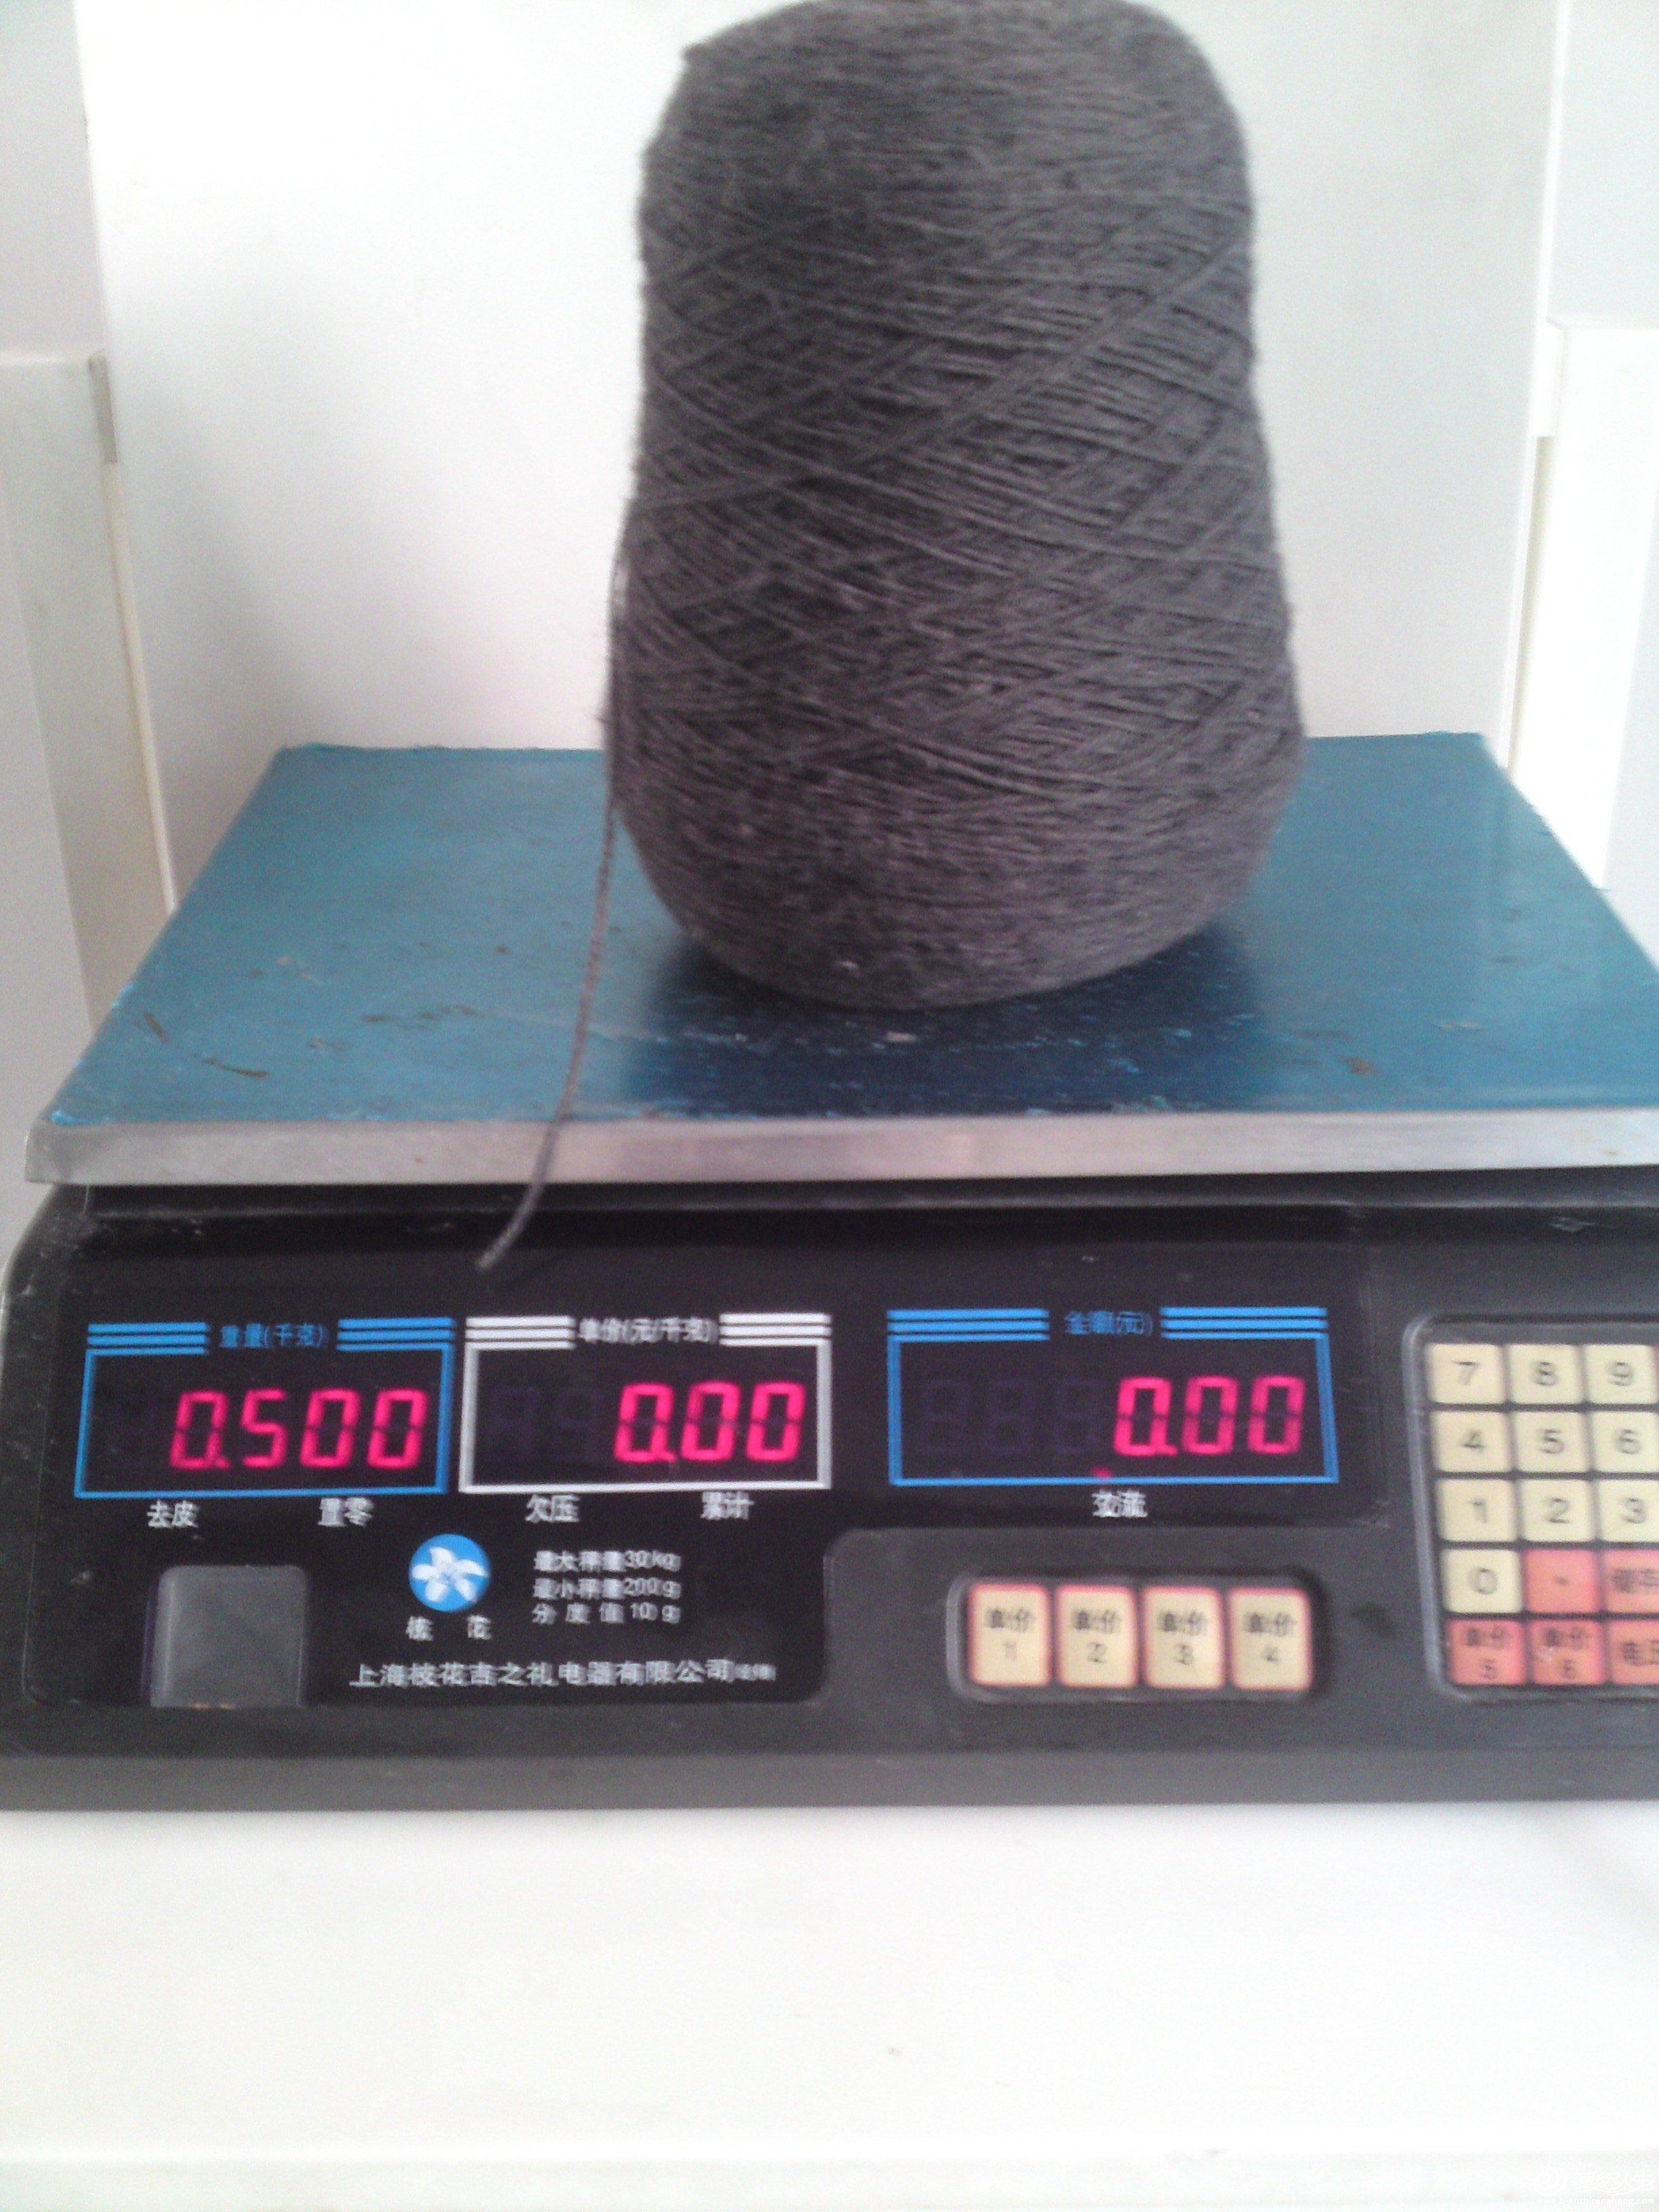 混纺线,15元/斤